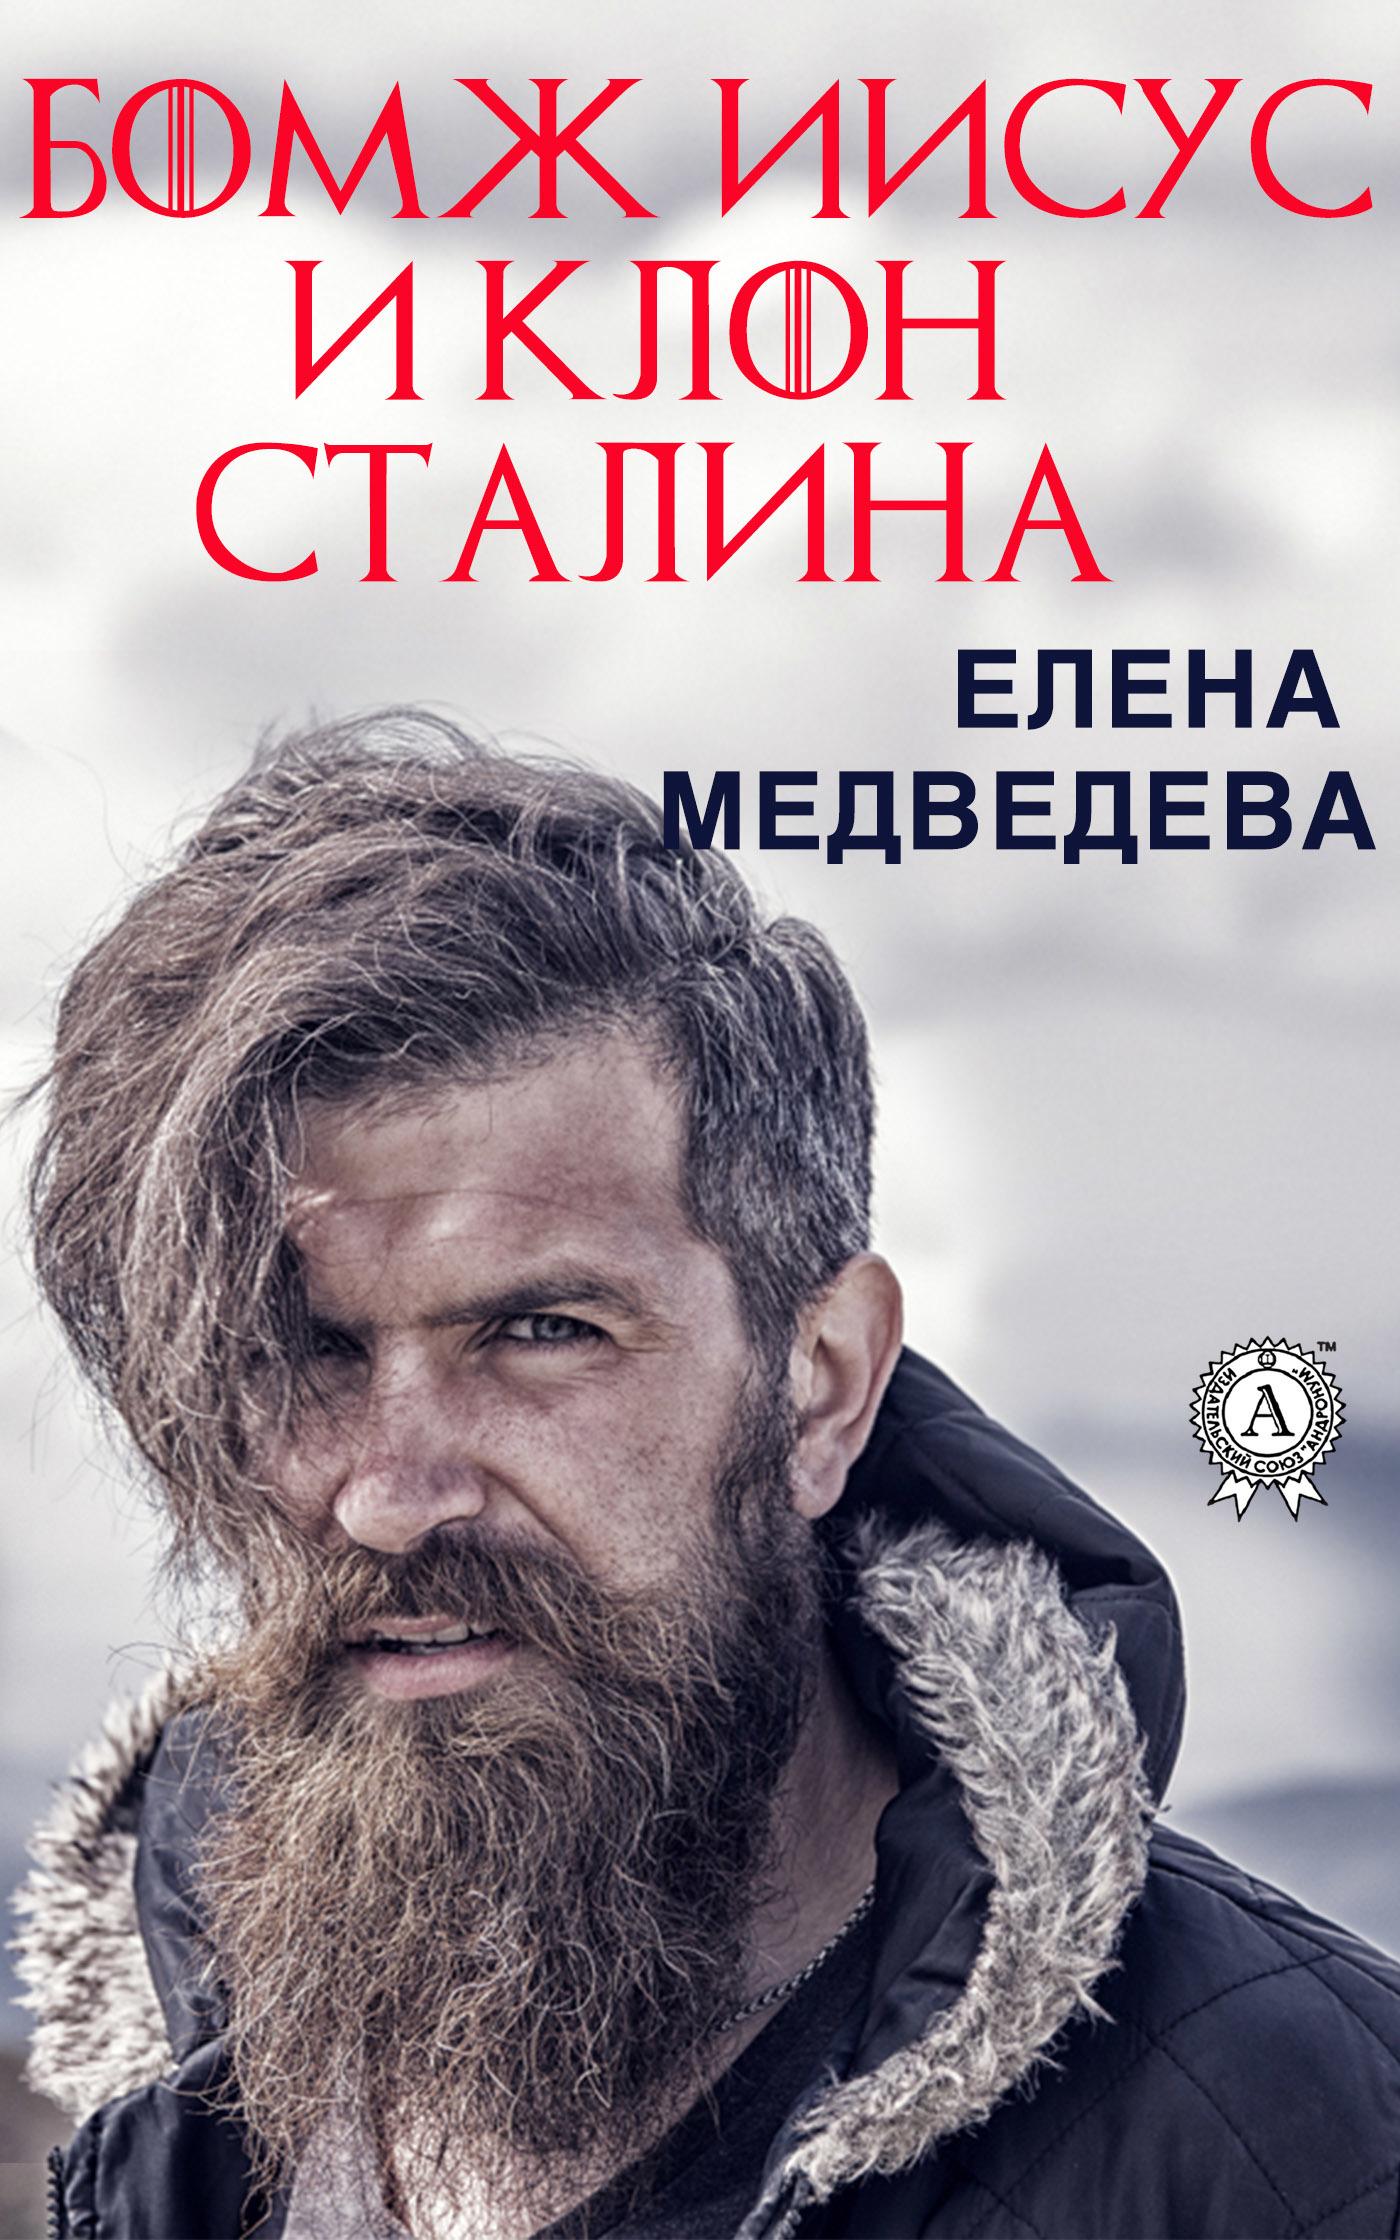 Бомж Иисус и клон Сталина